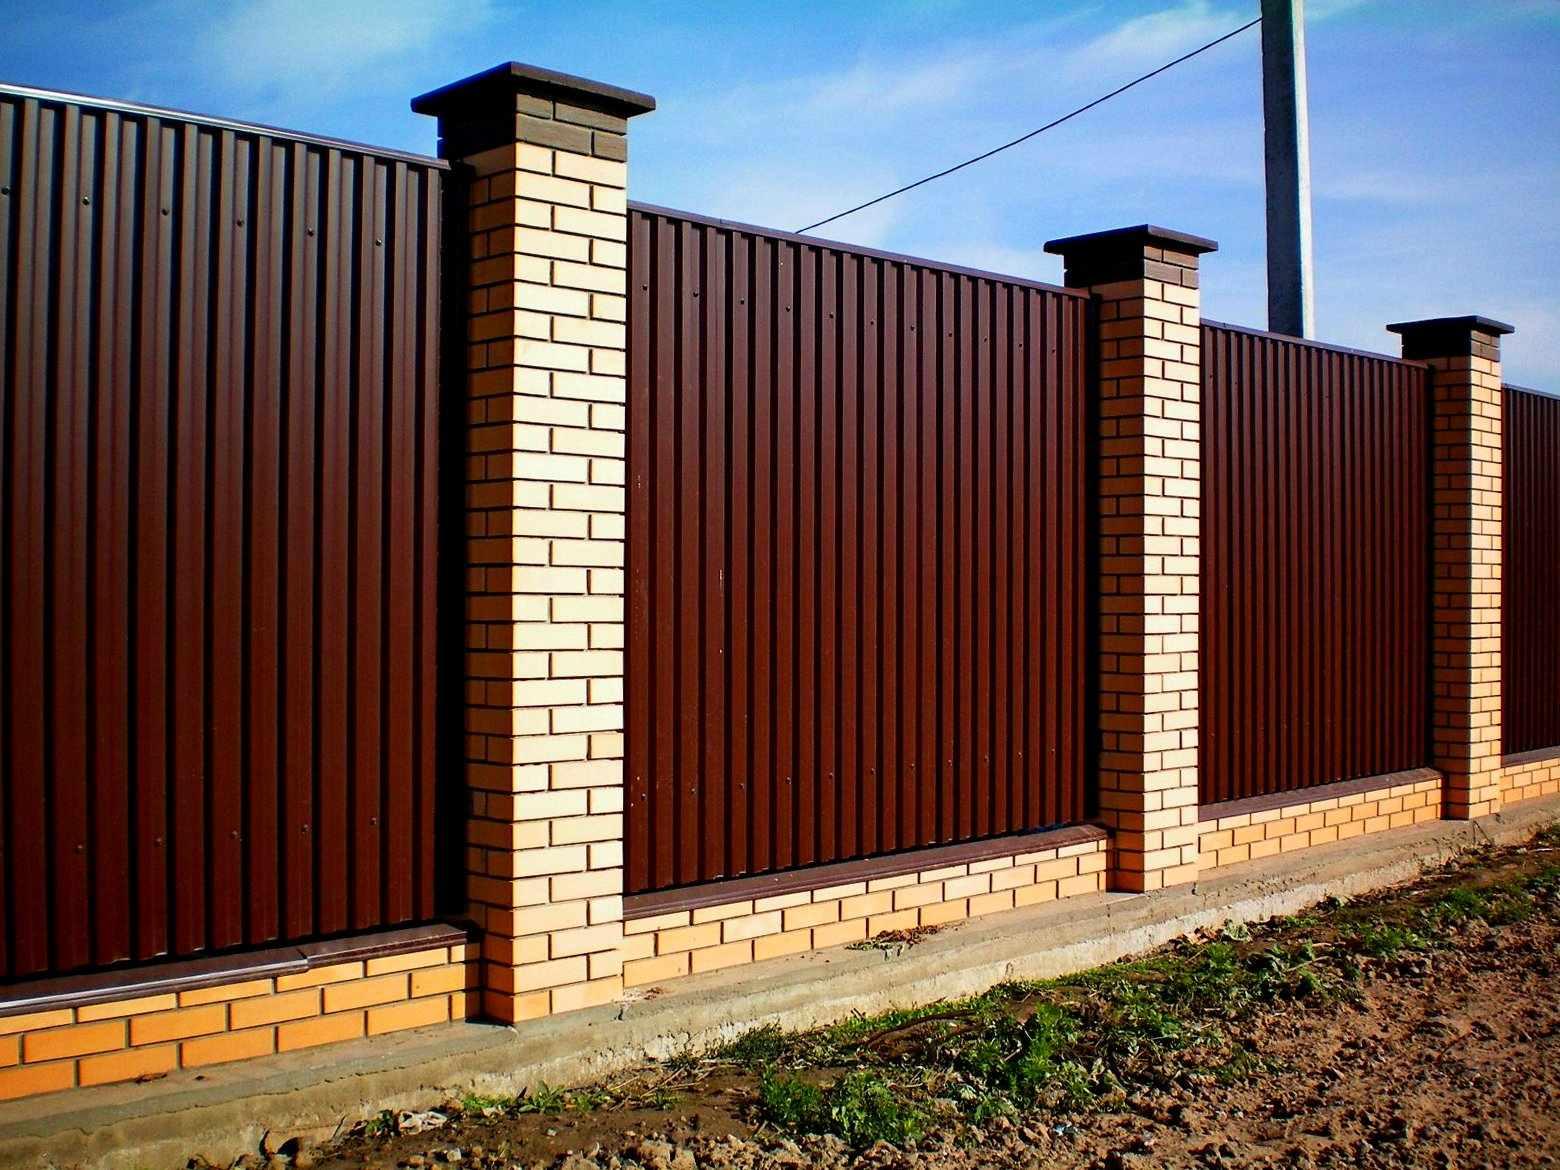 Забор Коломна: Строительство заборов любой сложности от 300р/ м. пог. в Коломне, Коломна (фото)